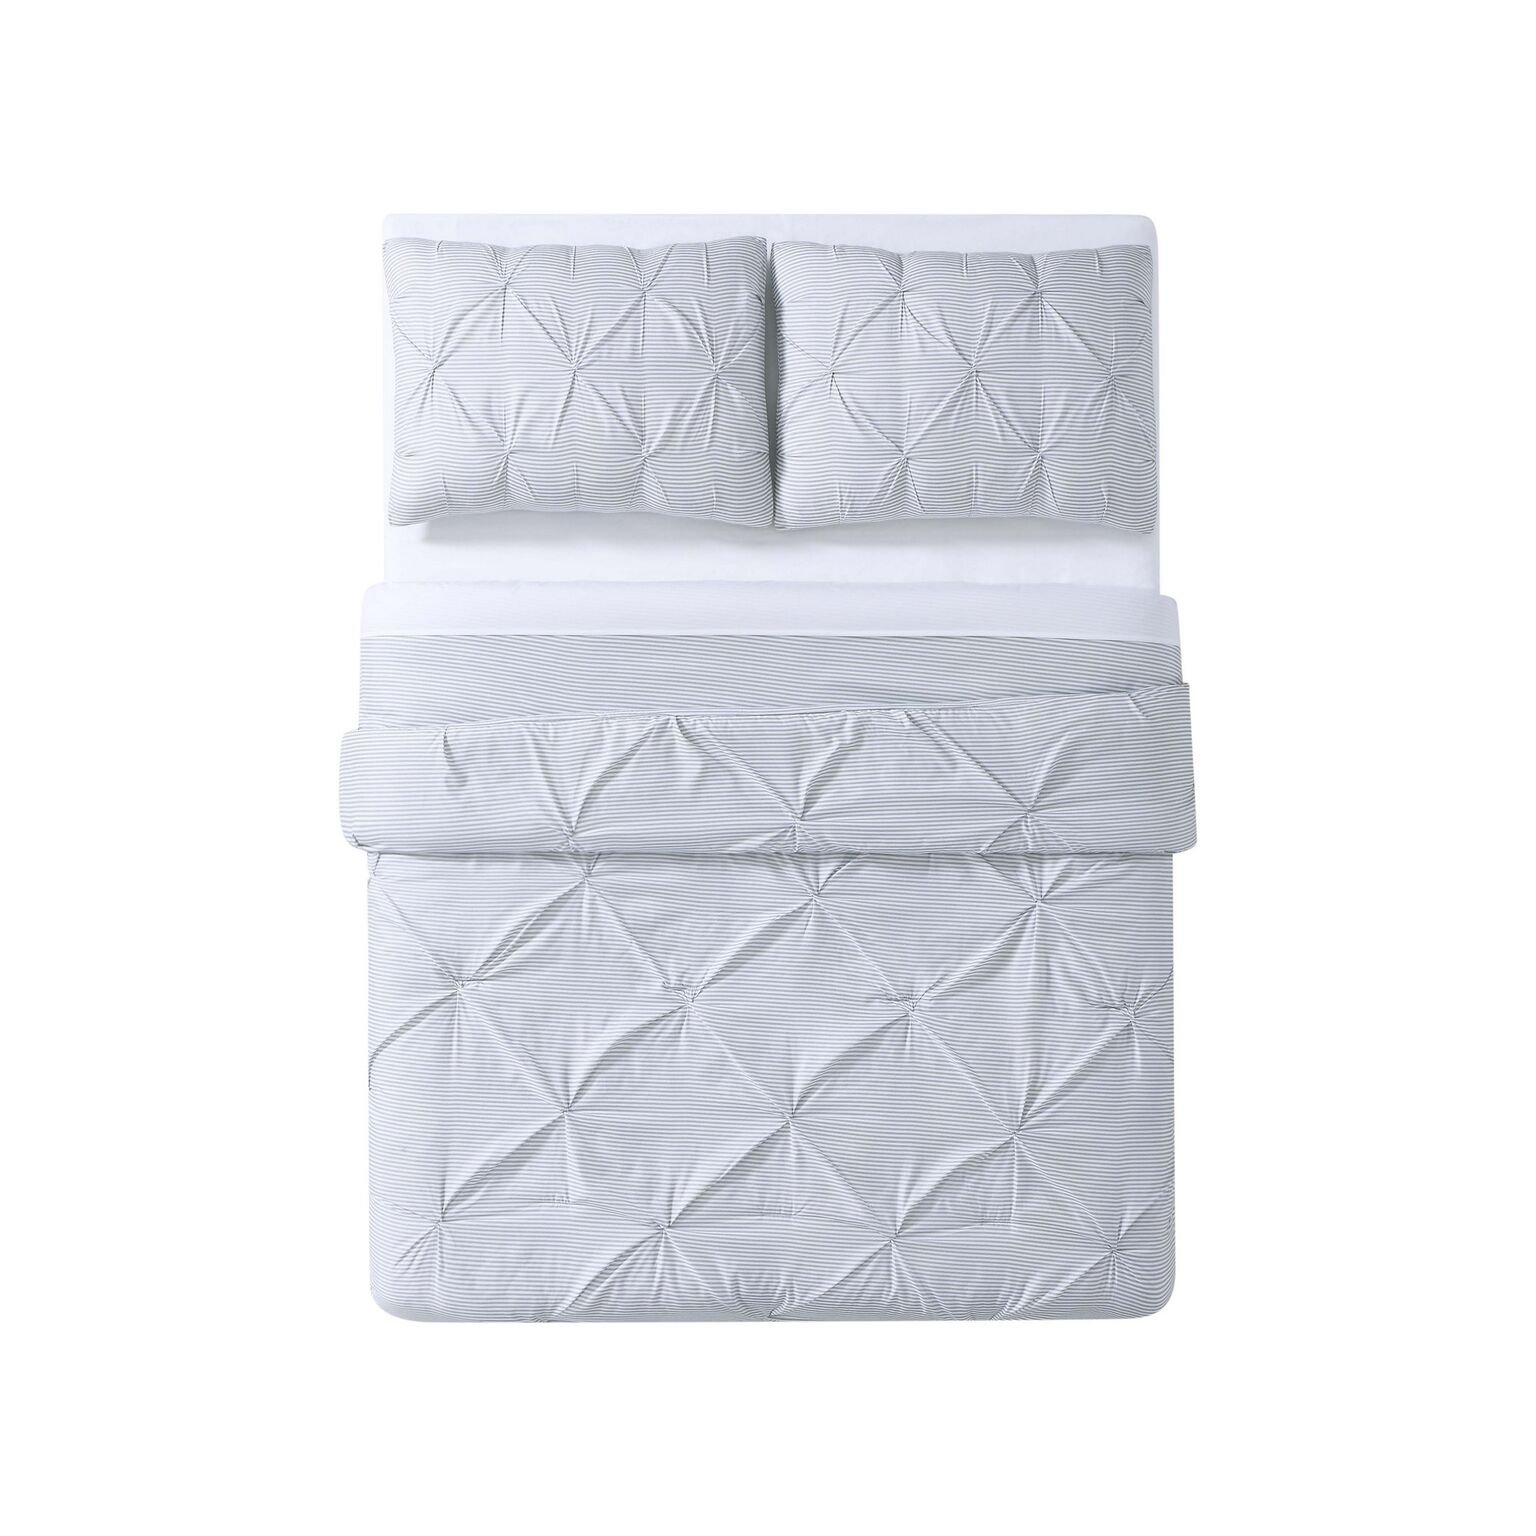 Truly Soft DCS2330GYFQ-00 Printed Pleat Duvet, Twin/Twin XL, White/Grey